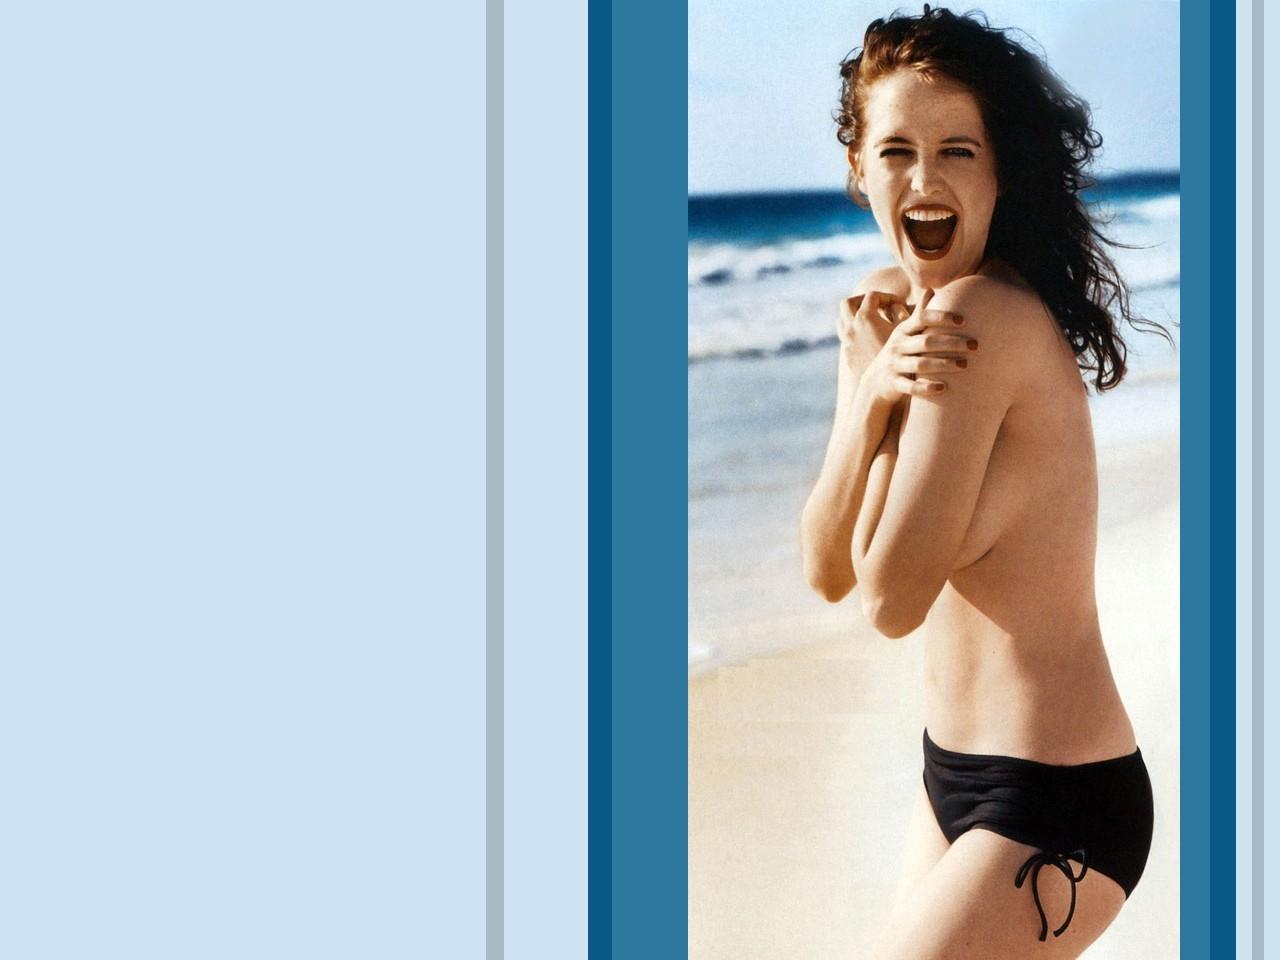 Wallpaper di Eva Green senza veli in spiaggia